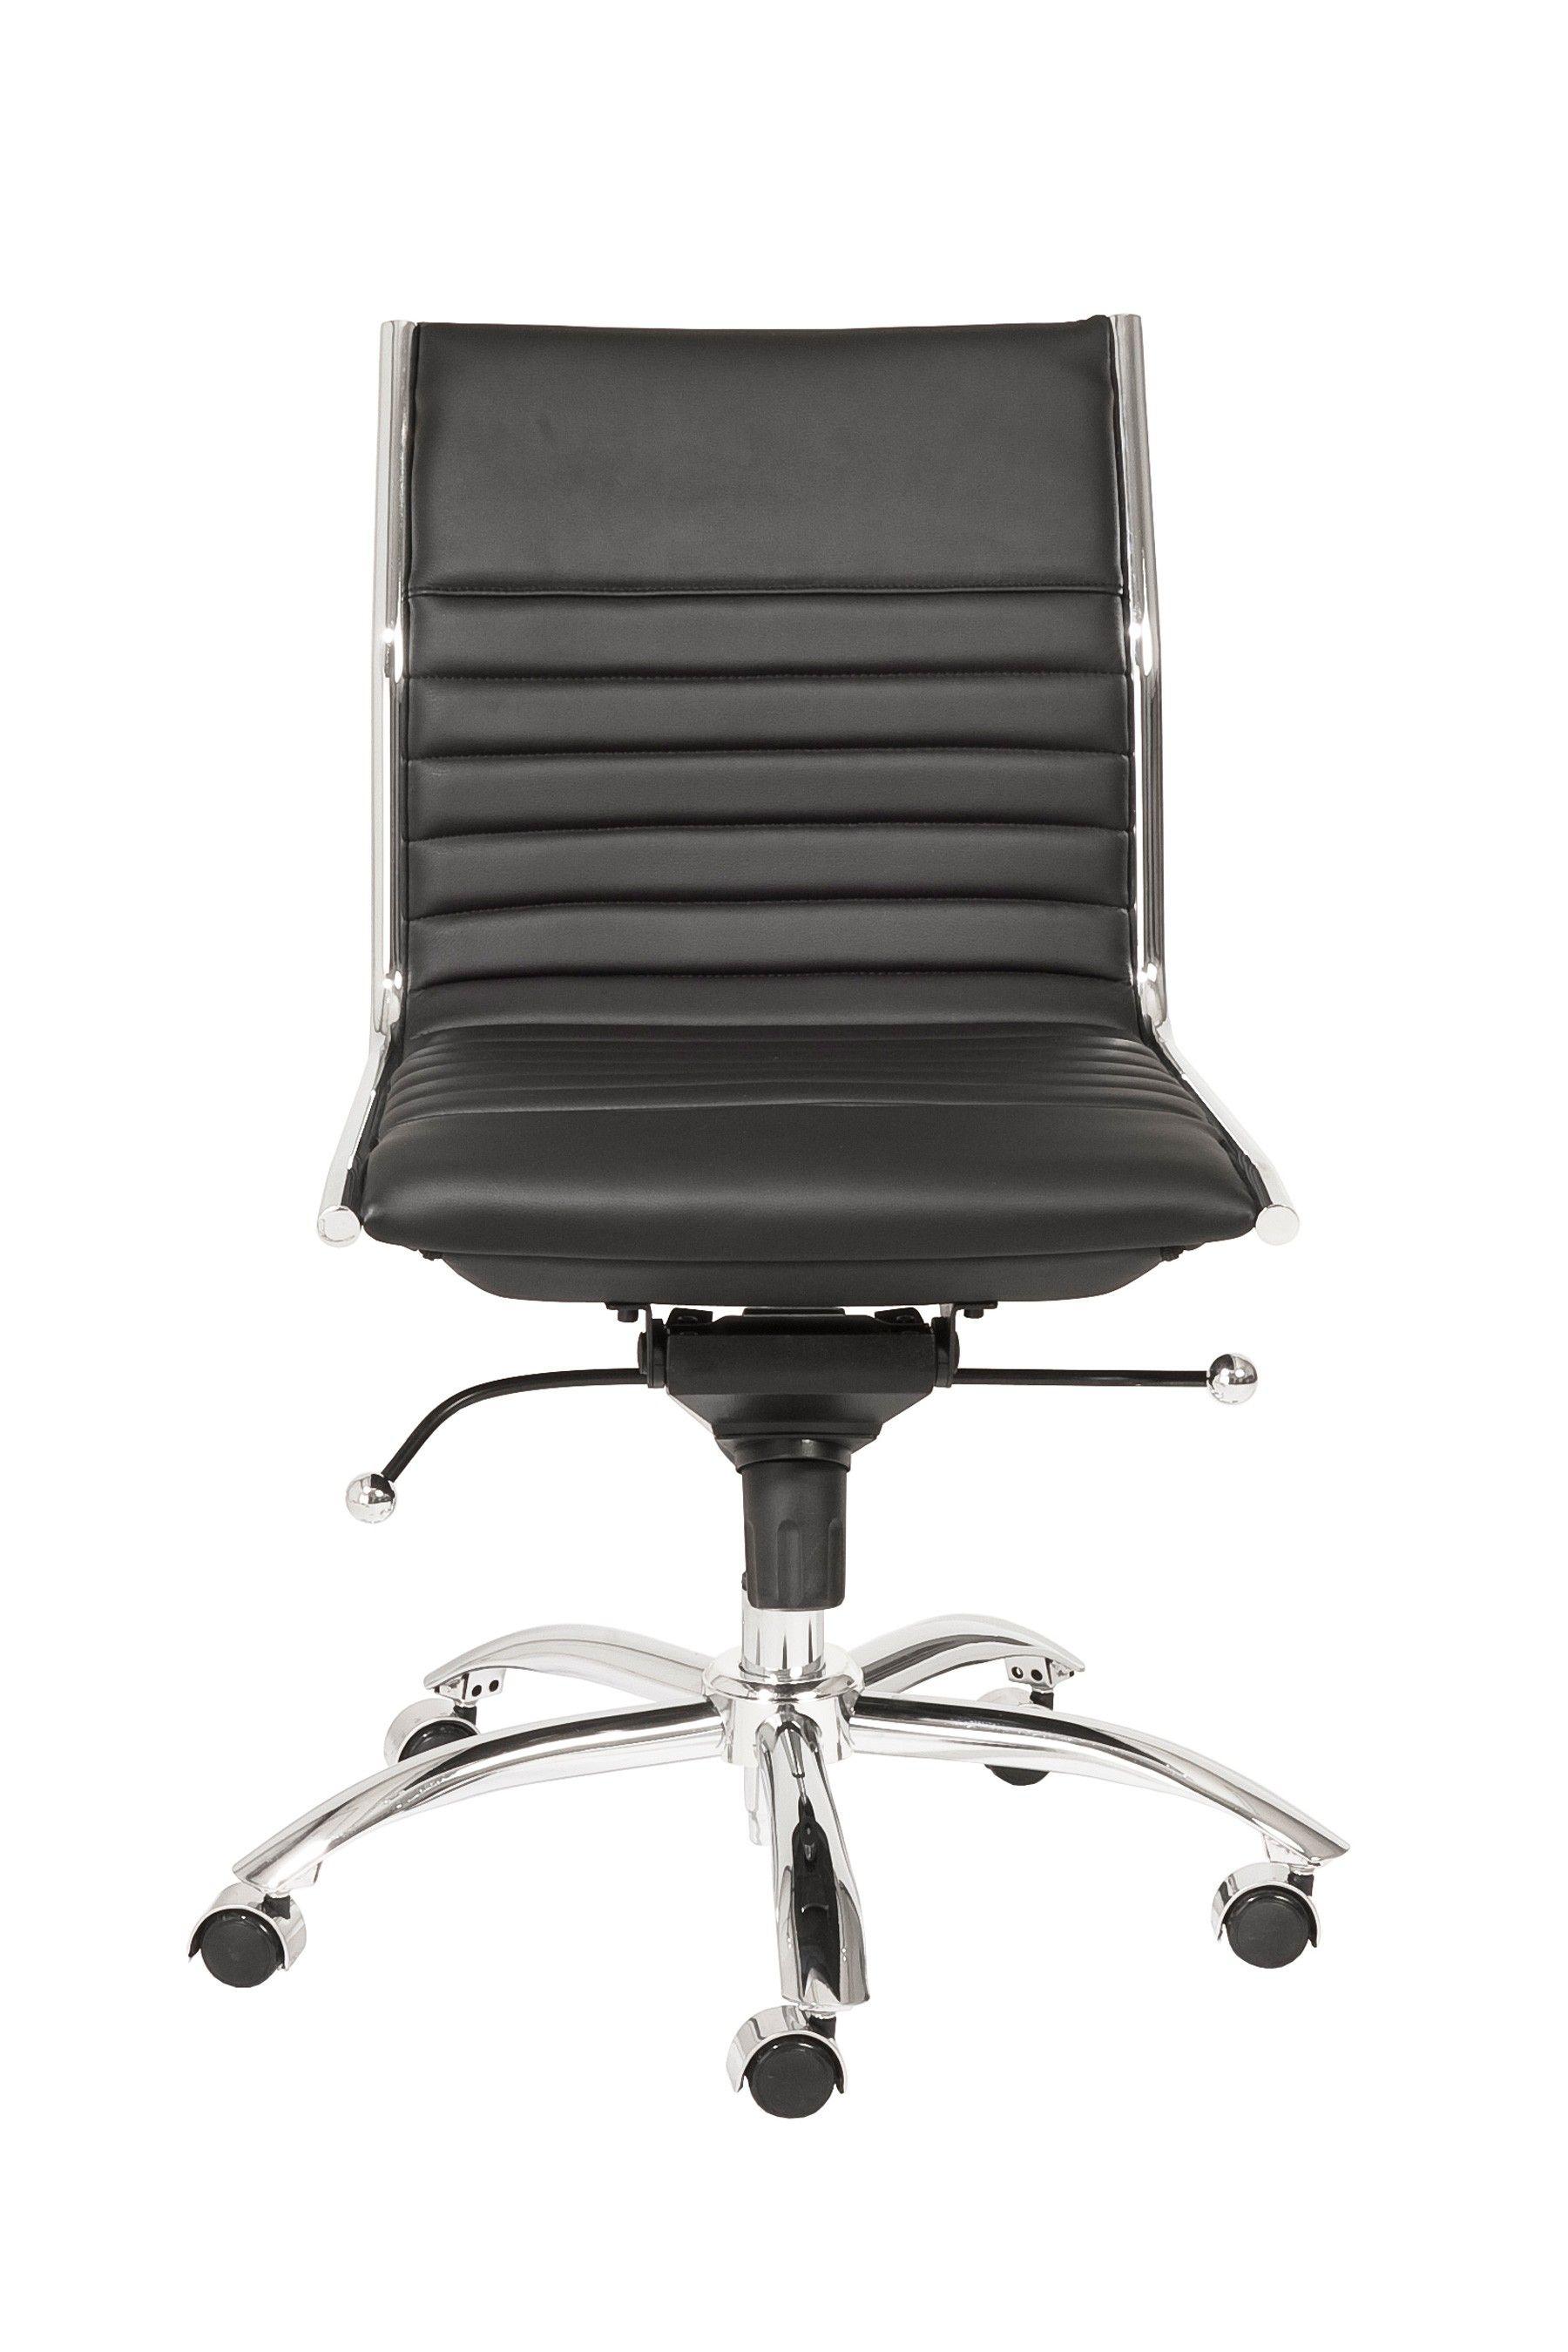 Faszinierend Stühle Modern Das Beste Von Moderne Büro Stuhl, Ohne Arme